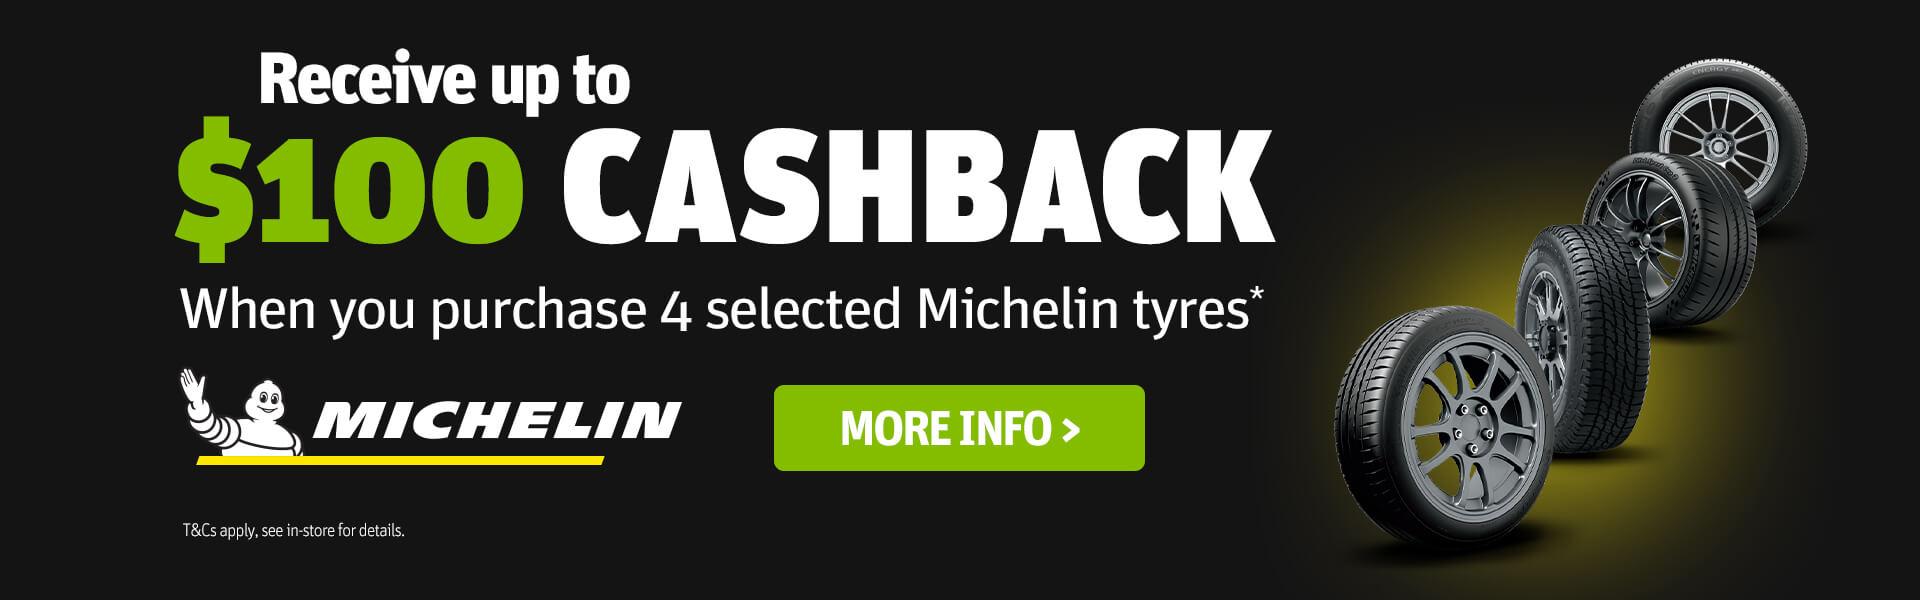 CDT - Michelin $100 Cashback promotion